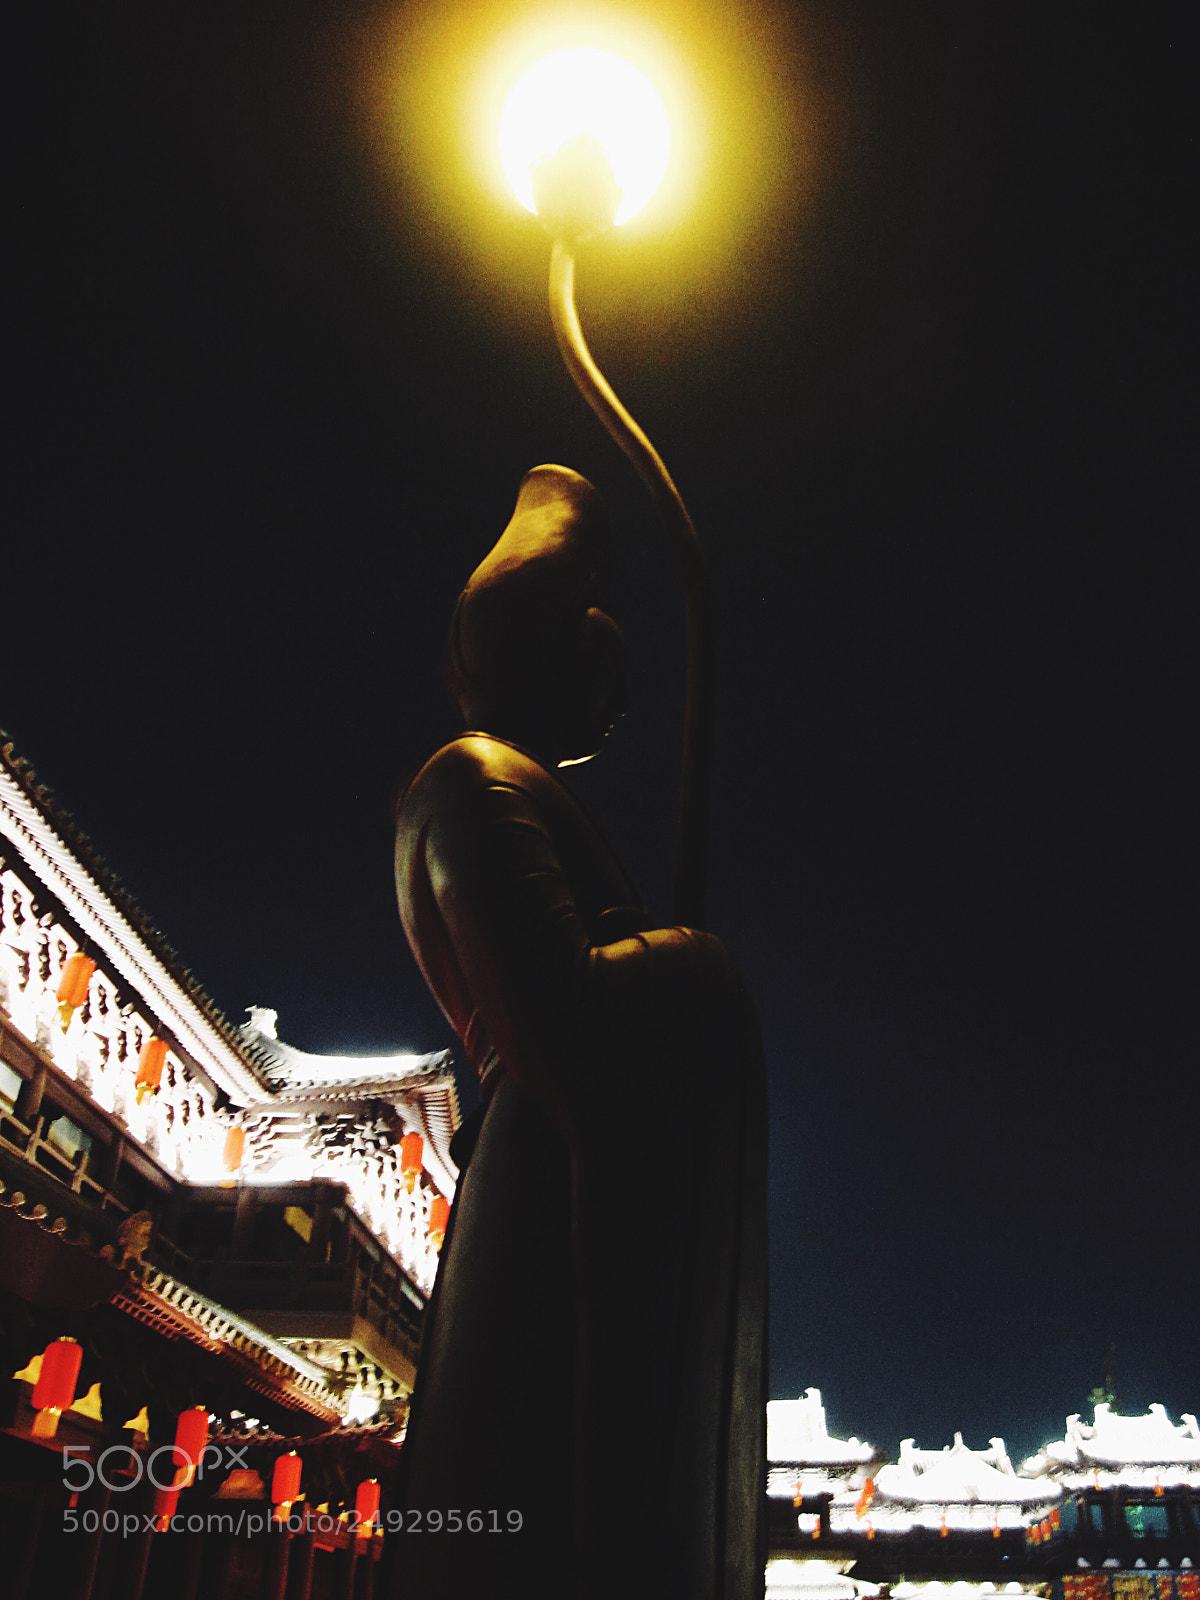 Night of Datong, Canon DIGITAL IXUS 870 IS